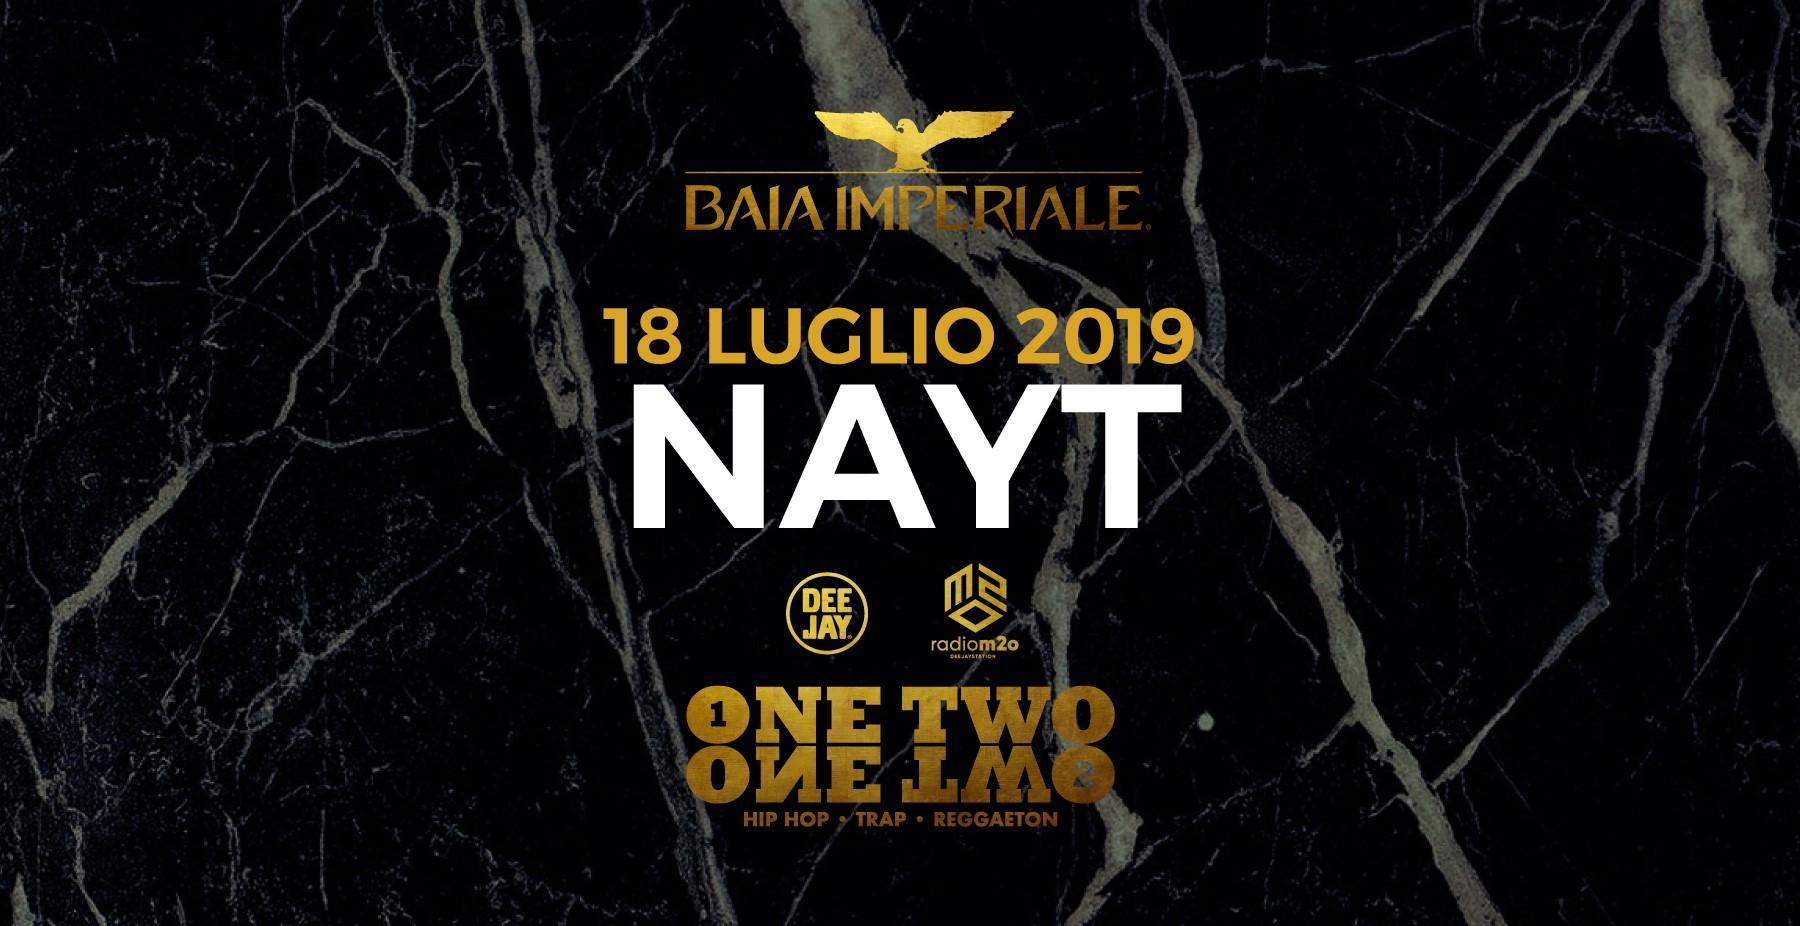 Baia Imperiale Giovedì 18 Luglio 2019 – NAYT –  Ticket-Biglietti 18app – Tavoli – Pacchetti Hotel